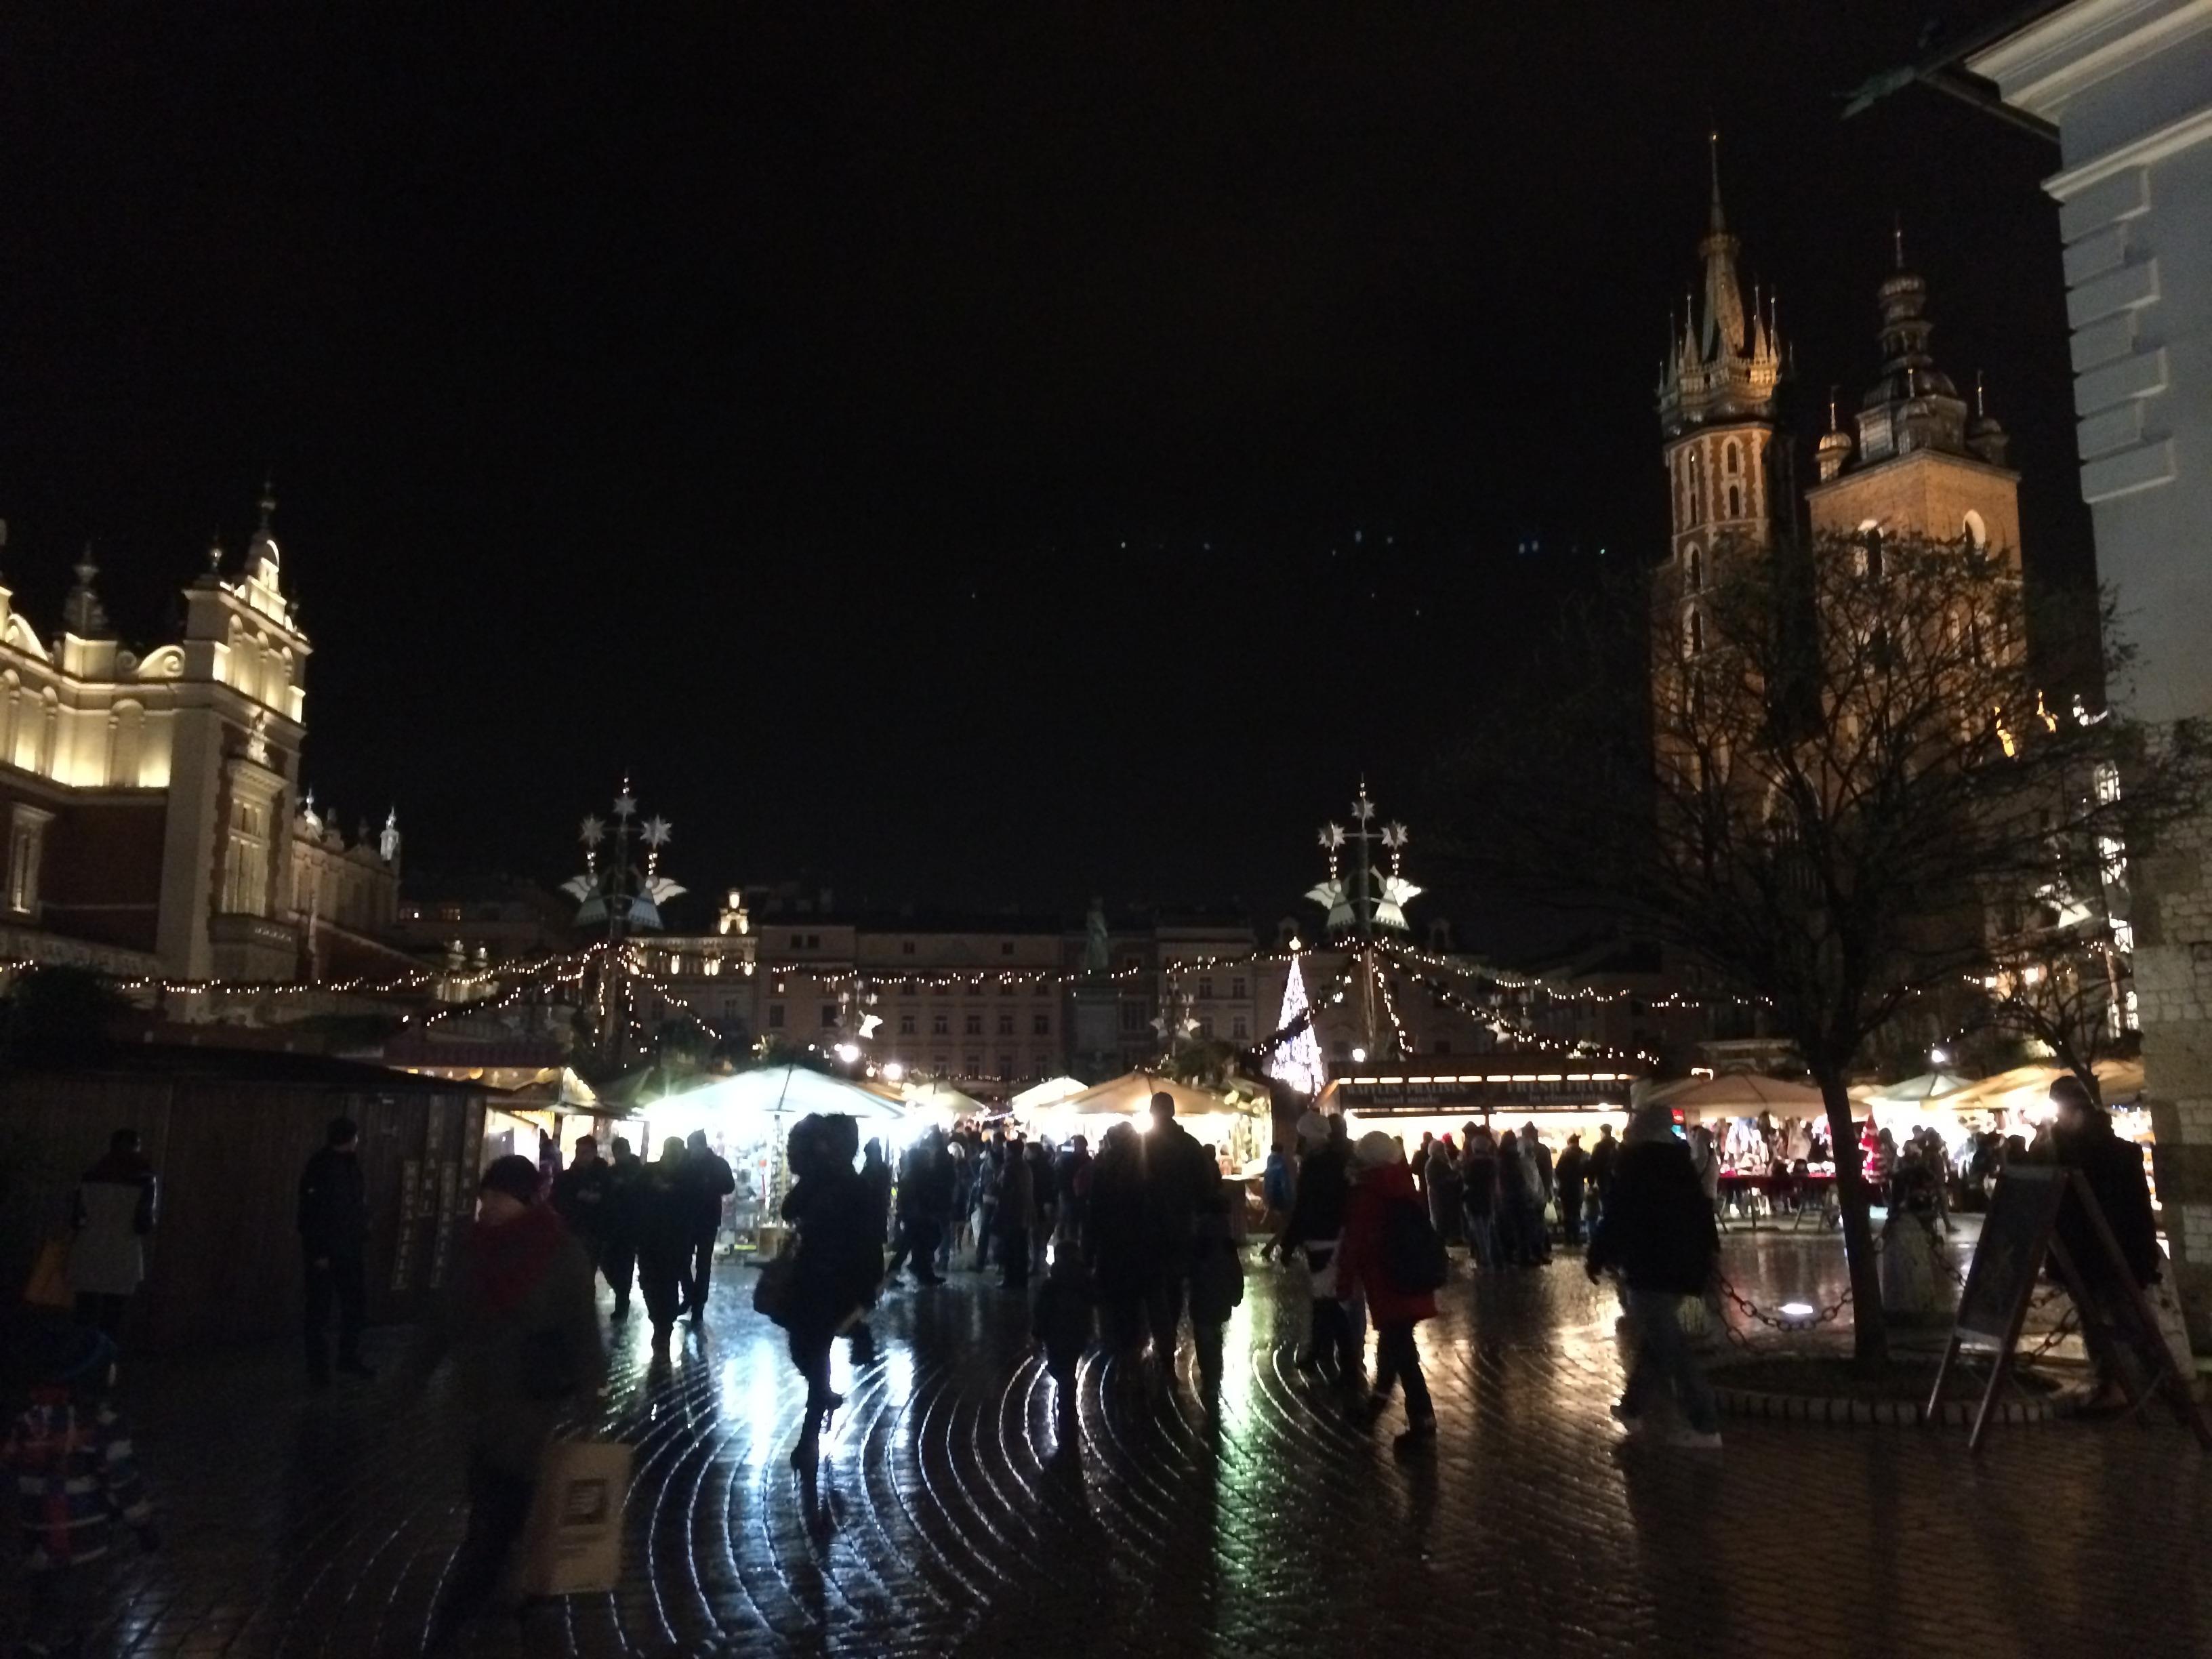 A feira de Natal na Praça do Mercado, durante o inverno. (Foto: Nathalia Tavolieri)